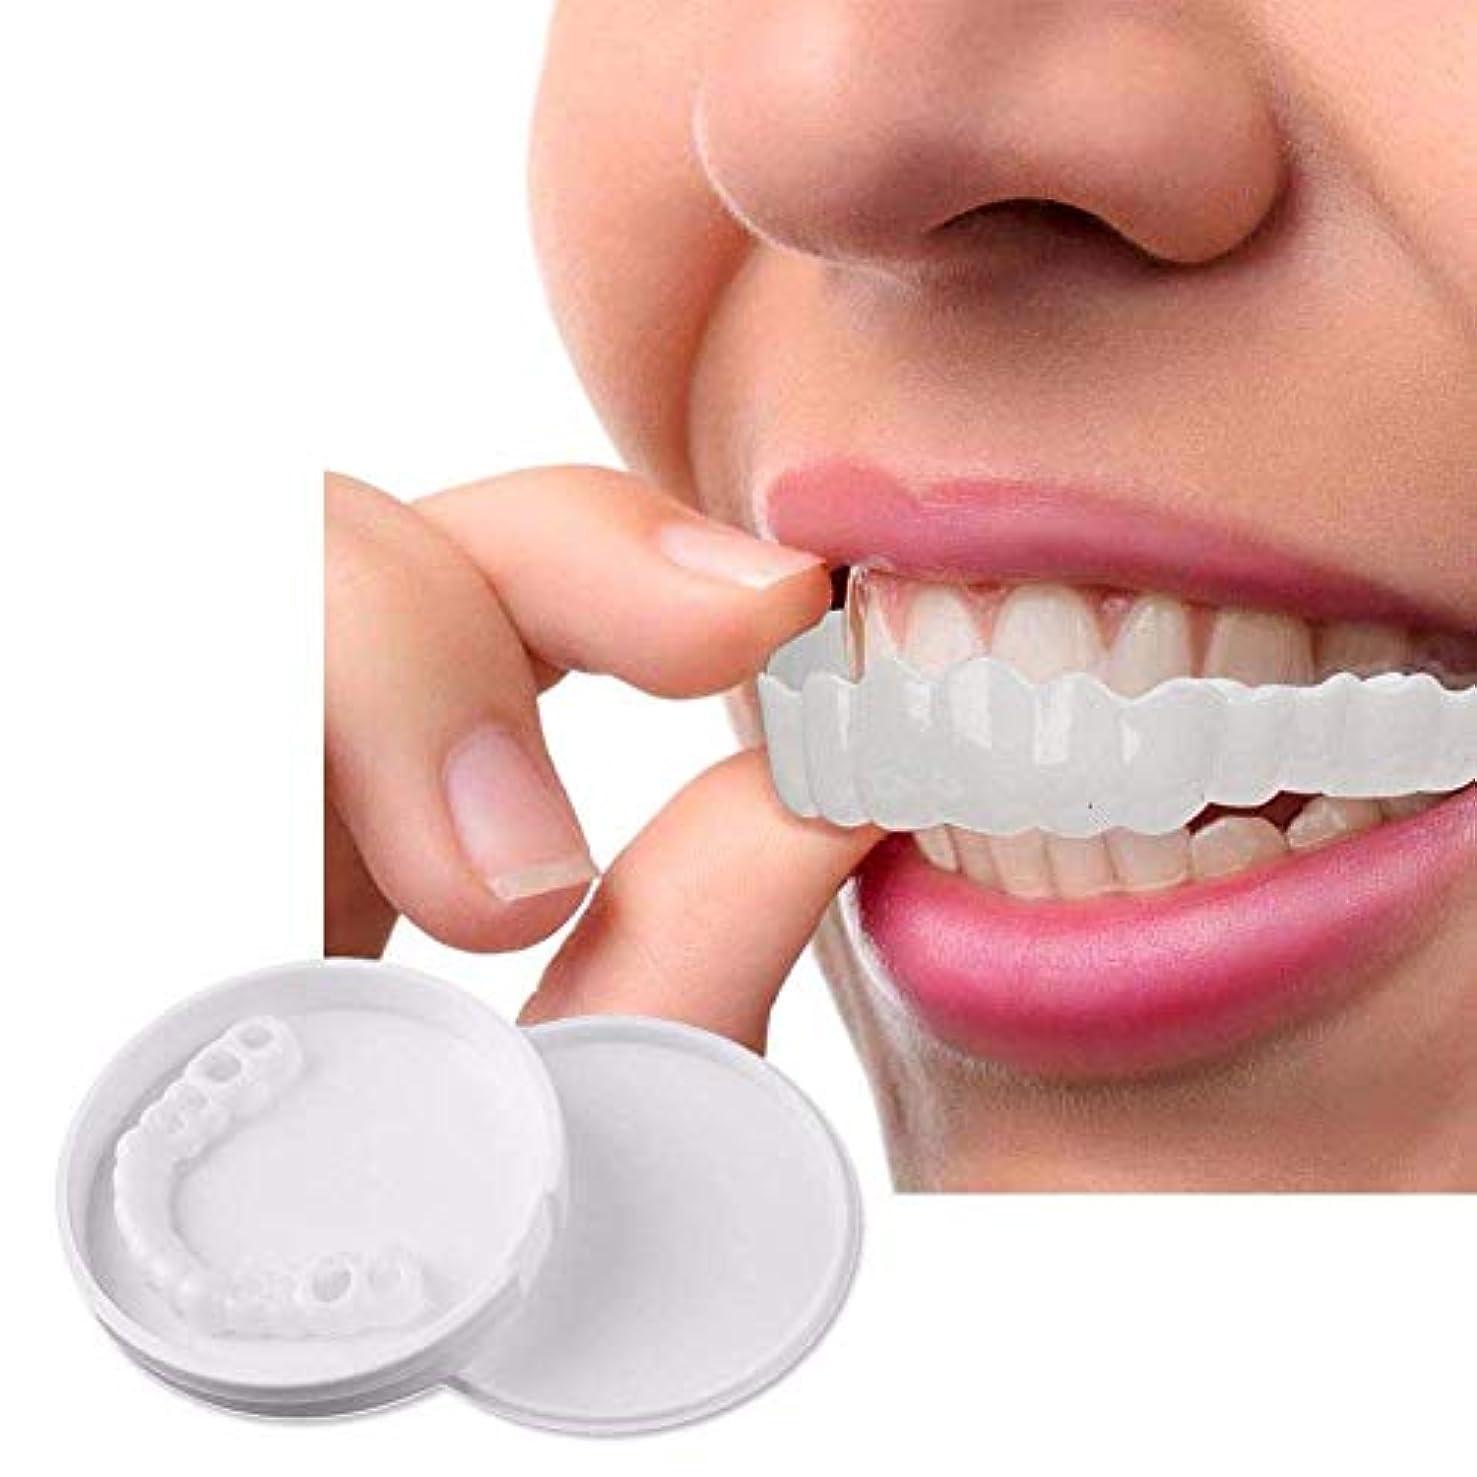 歯科医執着ヒゲクジラ10ピースホワイトニングスナップオンスマイルパーフェクトスマイルフィット最も快適な義歯ケア入れ歯歯科カバーでボックス,Upperteeth10Pcs